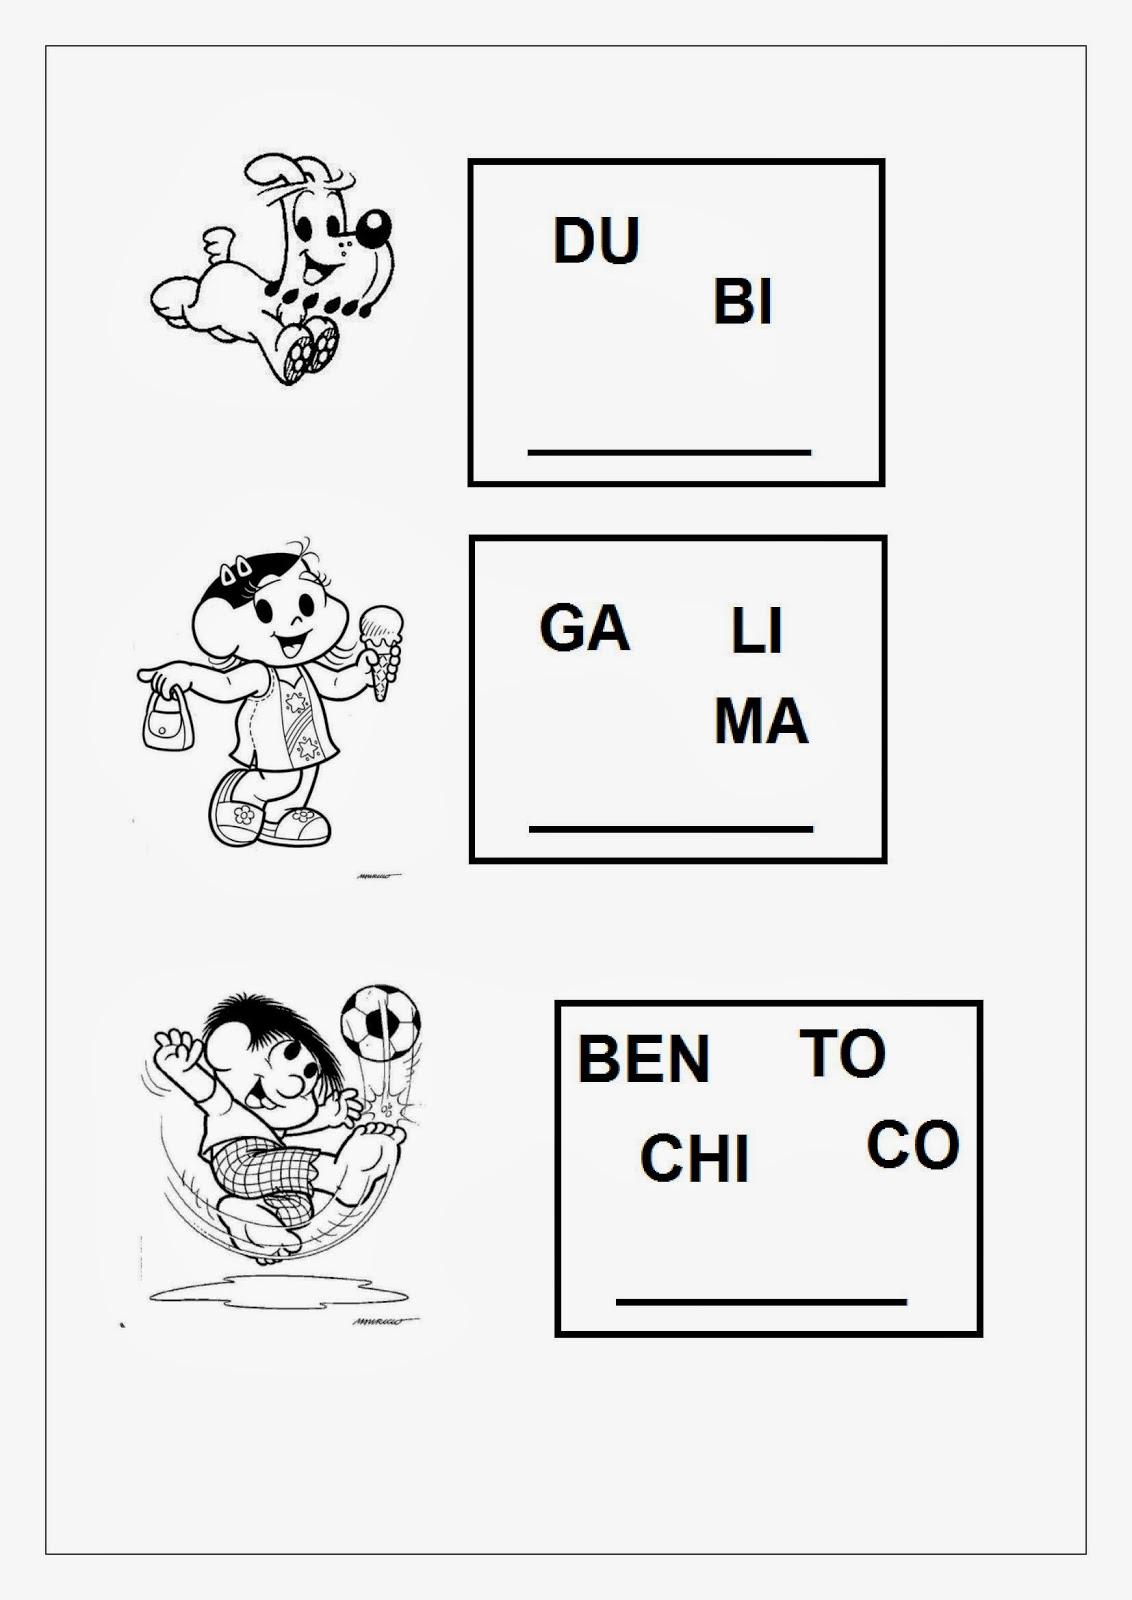 Alfabetizando com a Turma da Mônica - Continuação: Desembaralhe as sílabas e descubra o nome dos personagens.